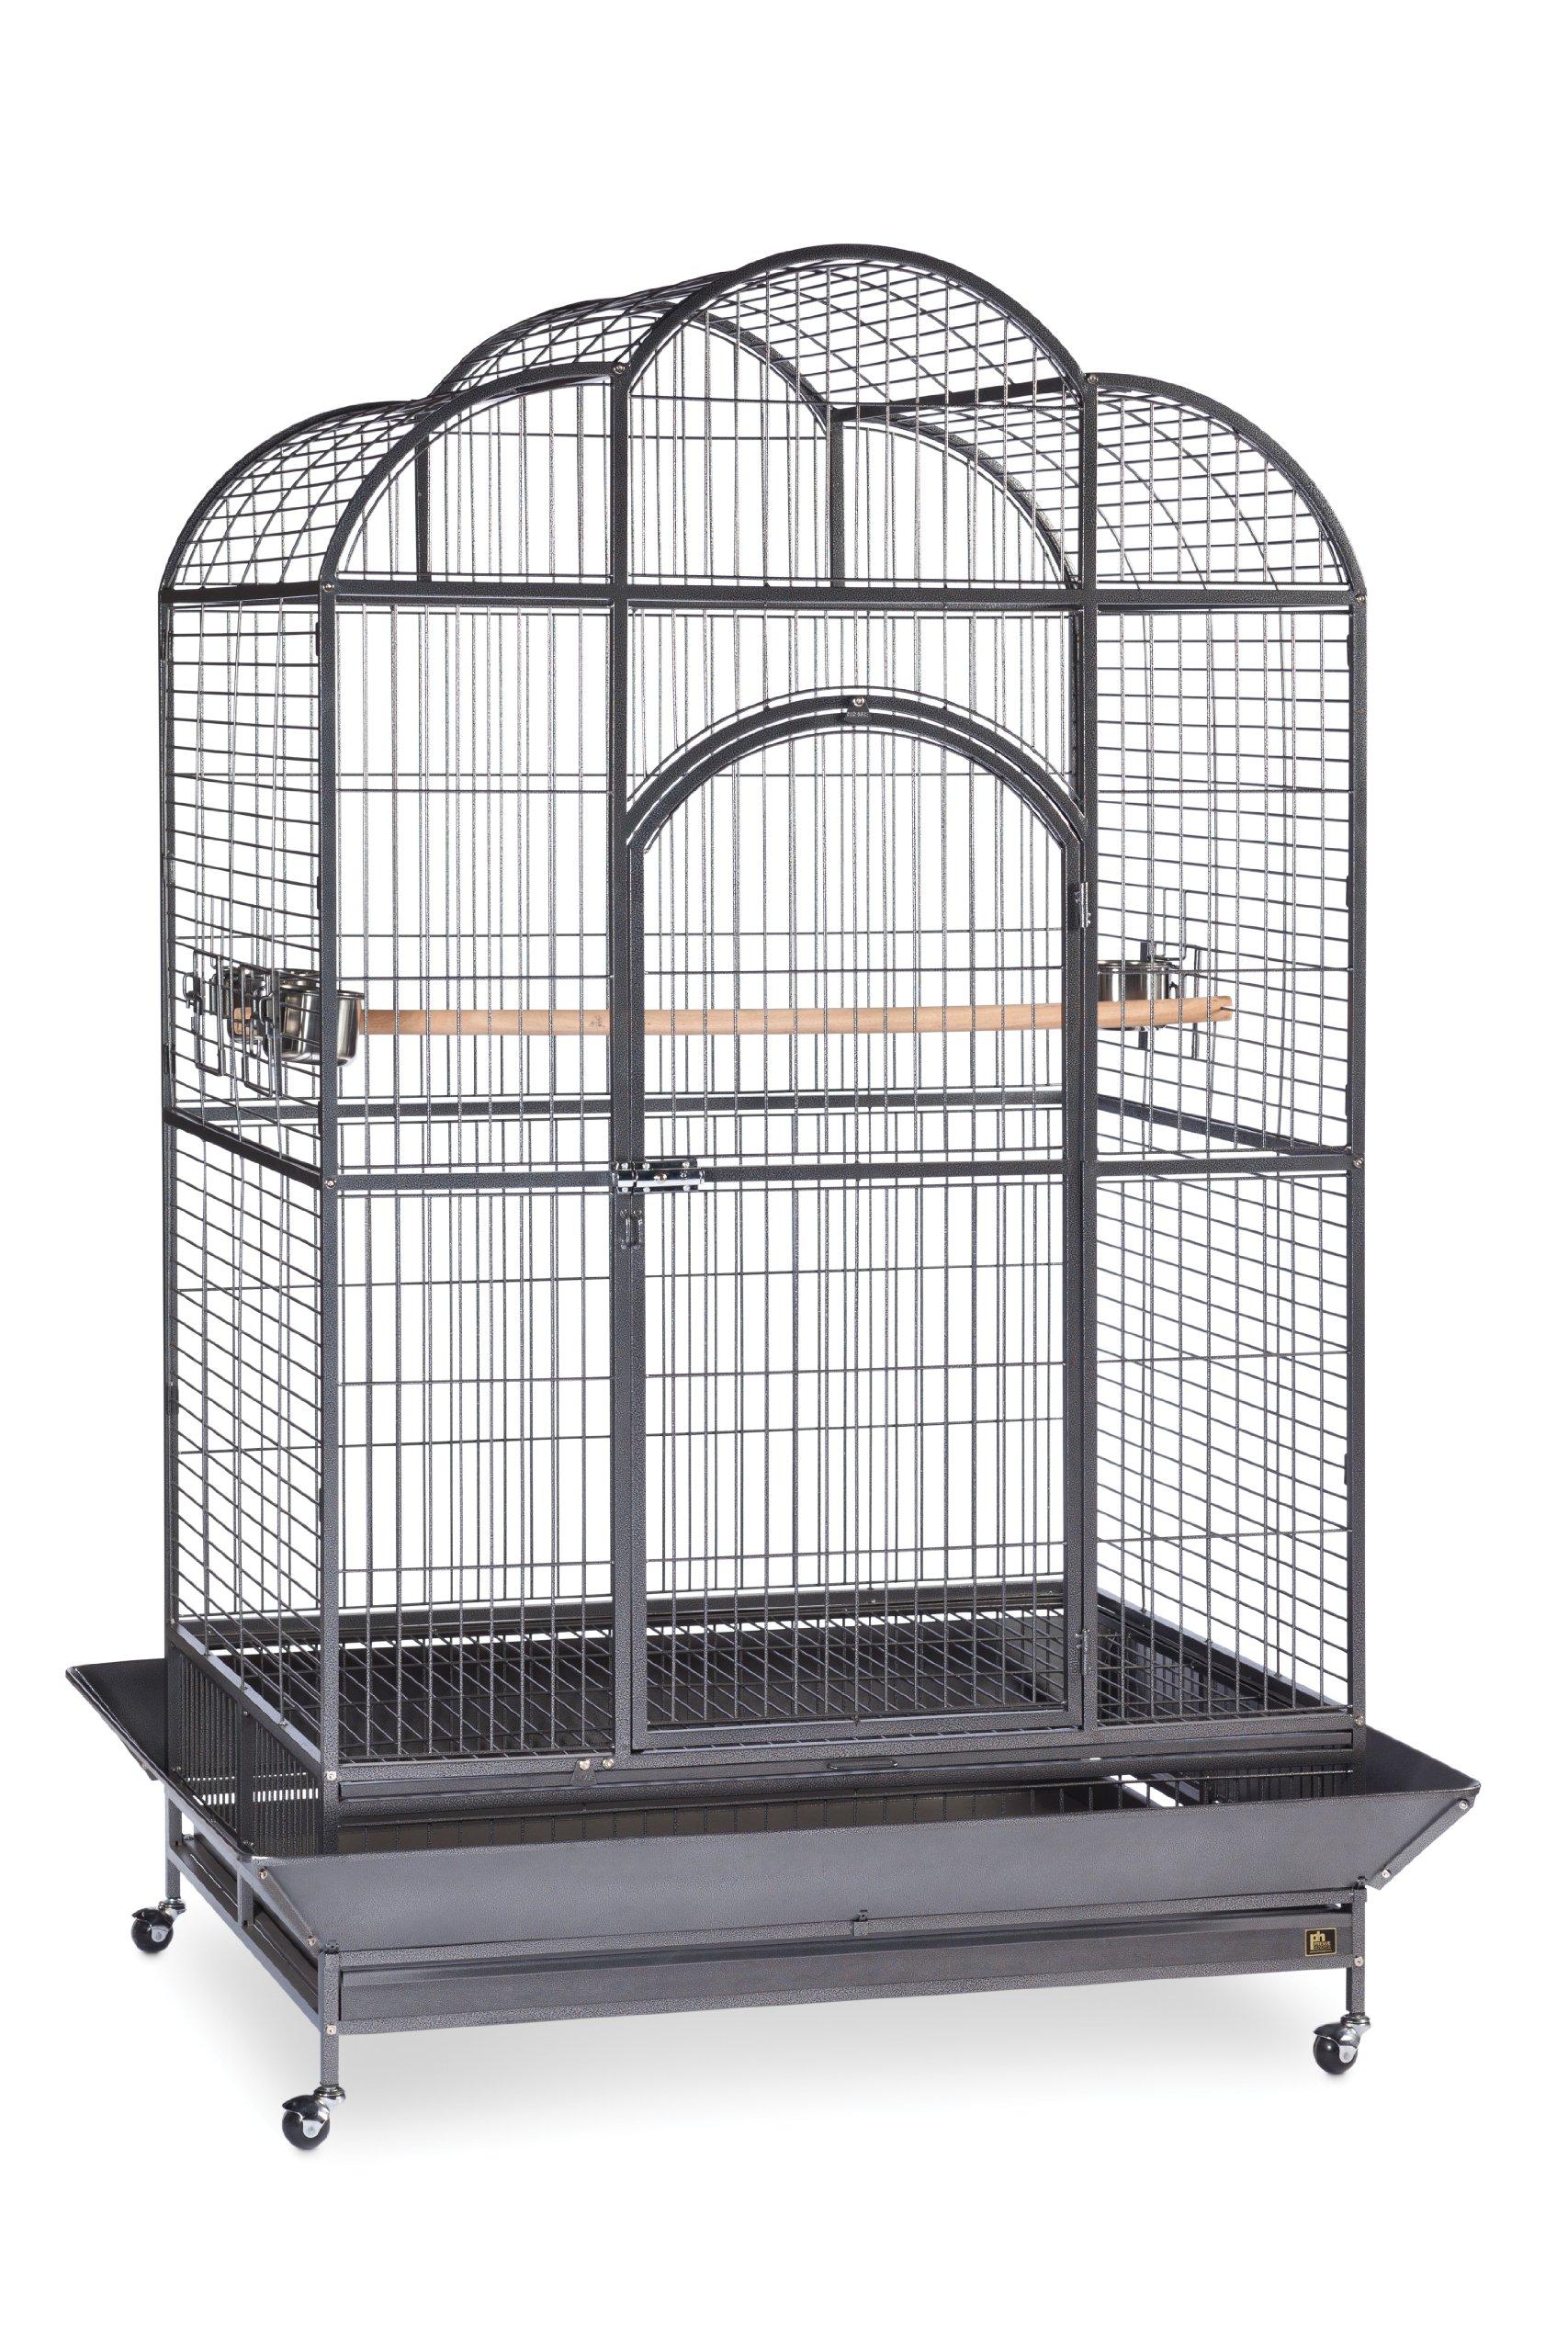 Prevue Hendryx Silverado Macaw Dometop Cage 3155S Silverado 46-Inch by 36-Inch by 78-1/4-Inch